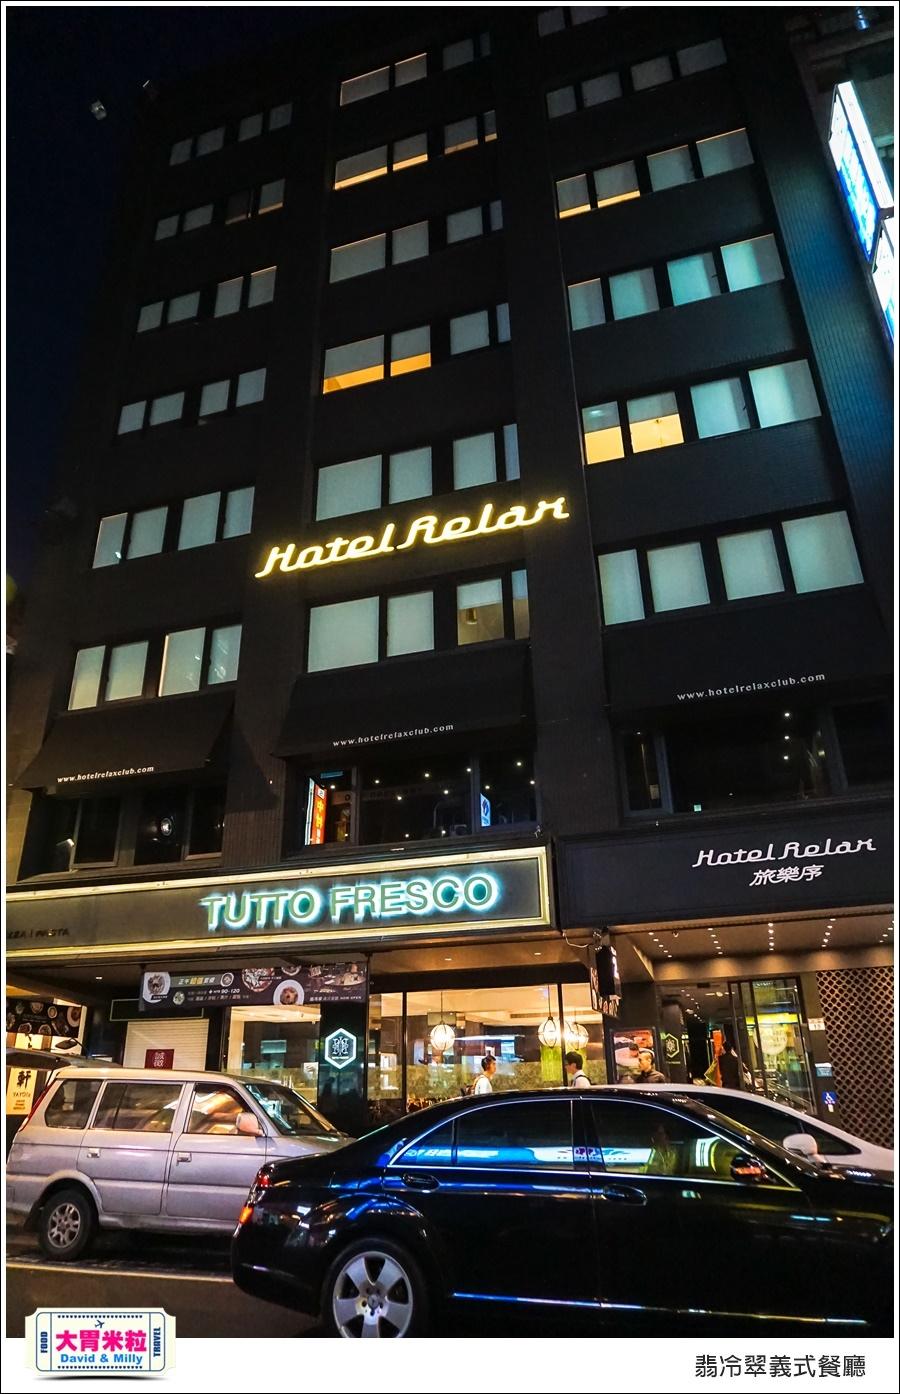 台北義式餐廳推薦@TUTTO Fresco 翡冷翠義式餐廳@大胃米粒0001.jpg